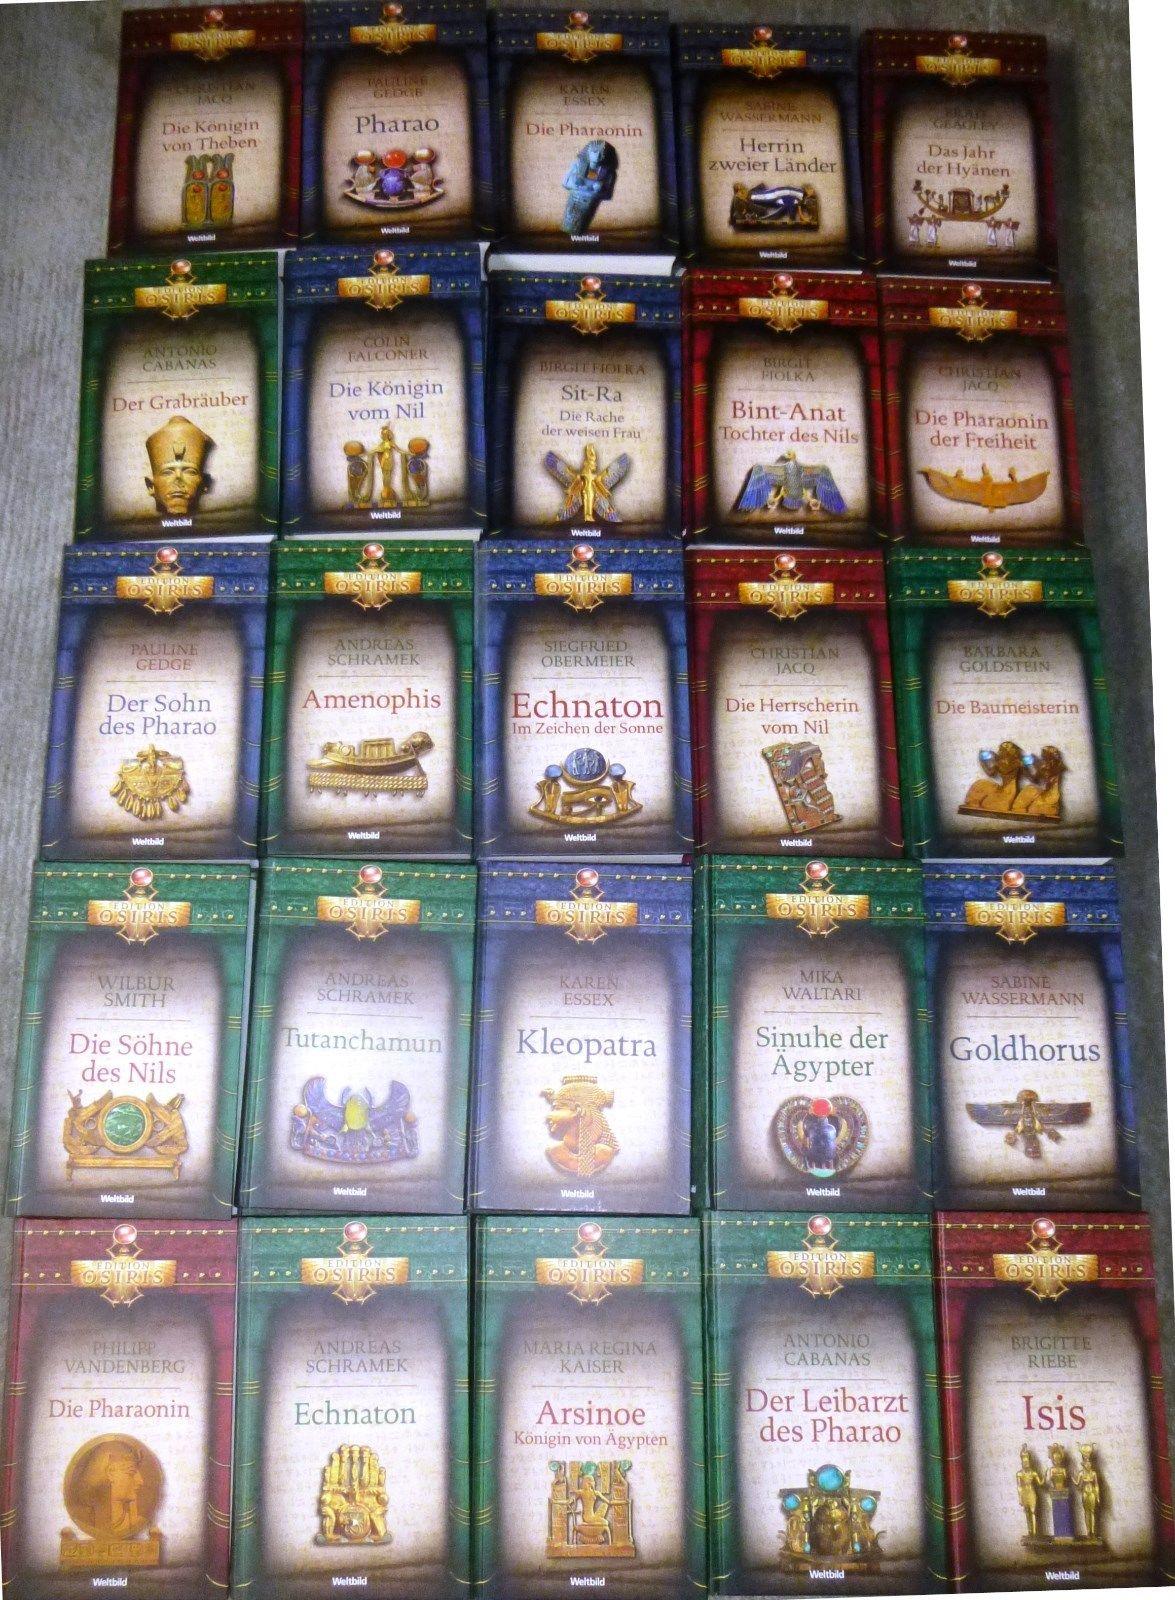 Historische Romane Ägypten, Edition Osiris, div. Autoren, 25 Romane, Weltbild,HC